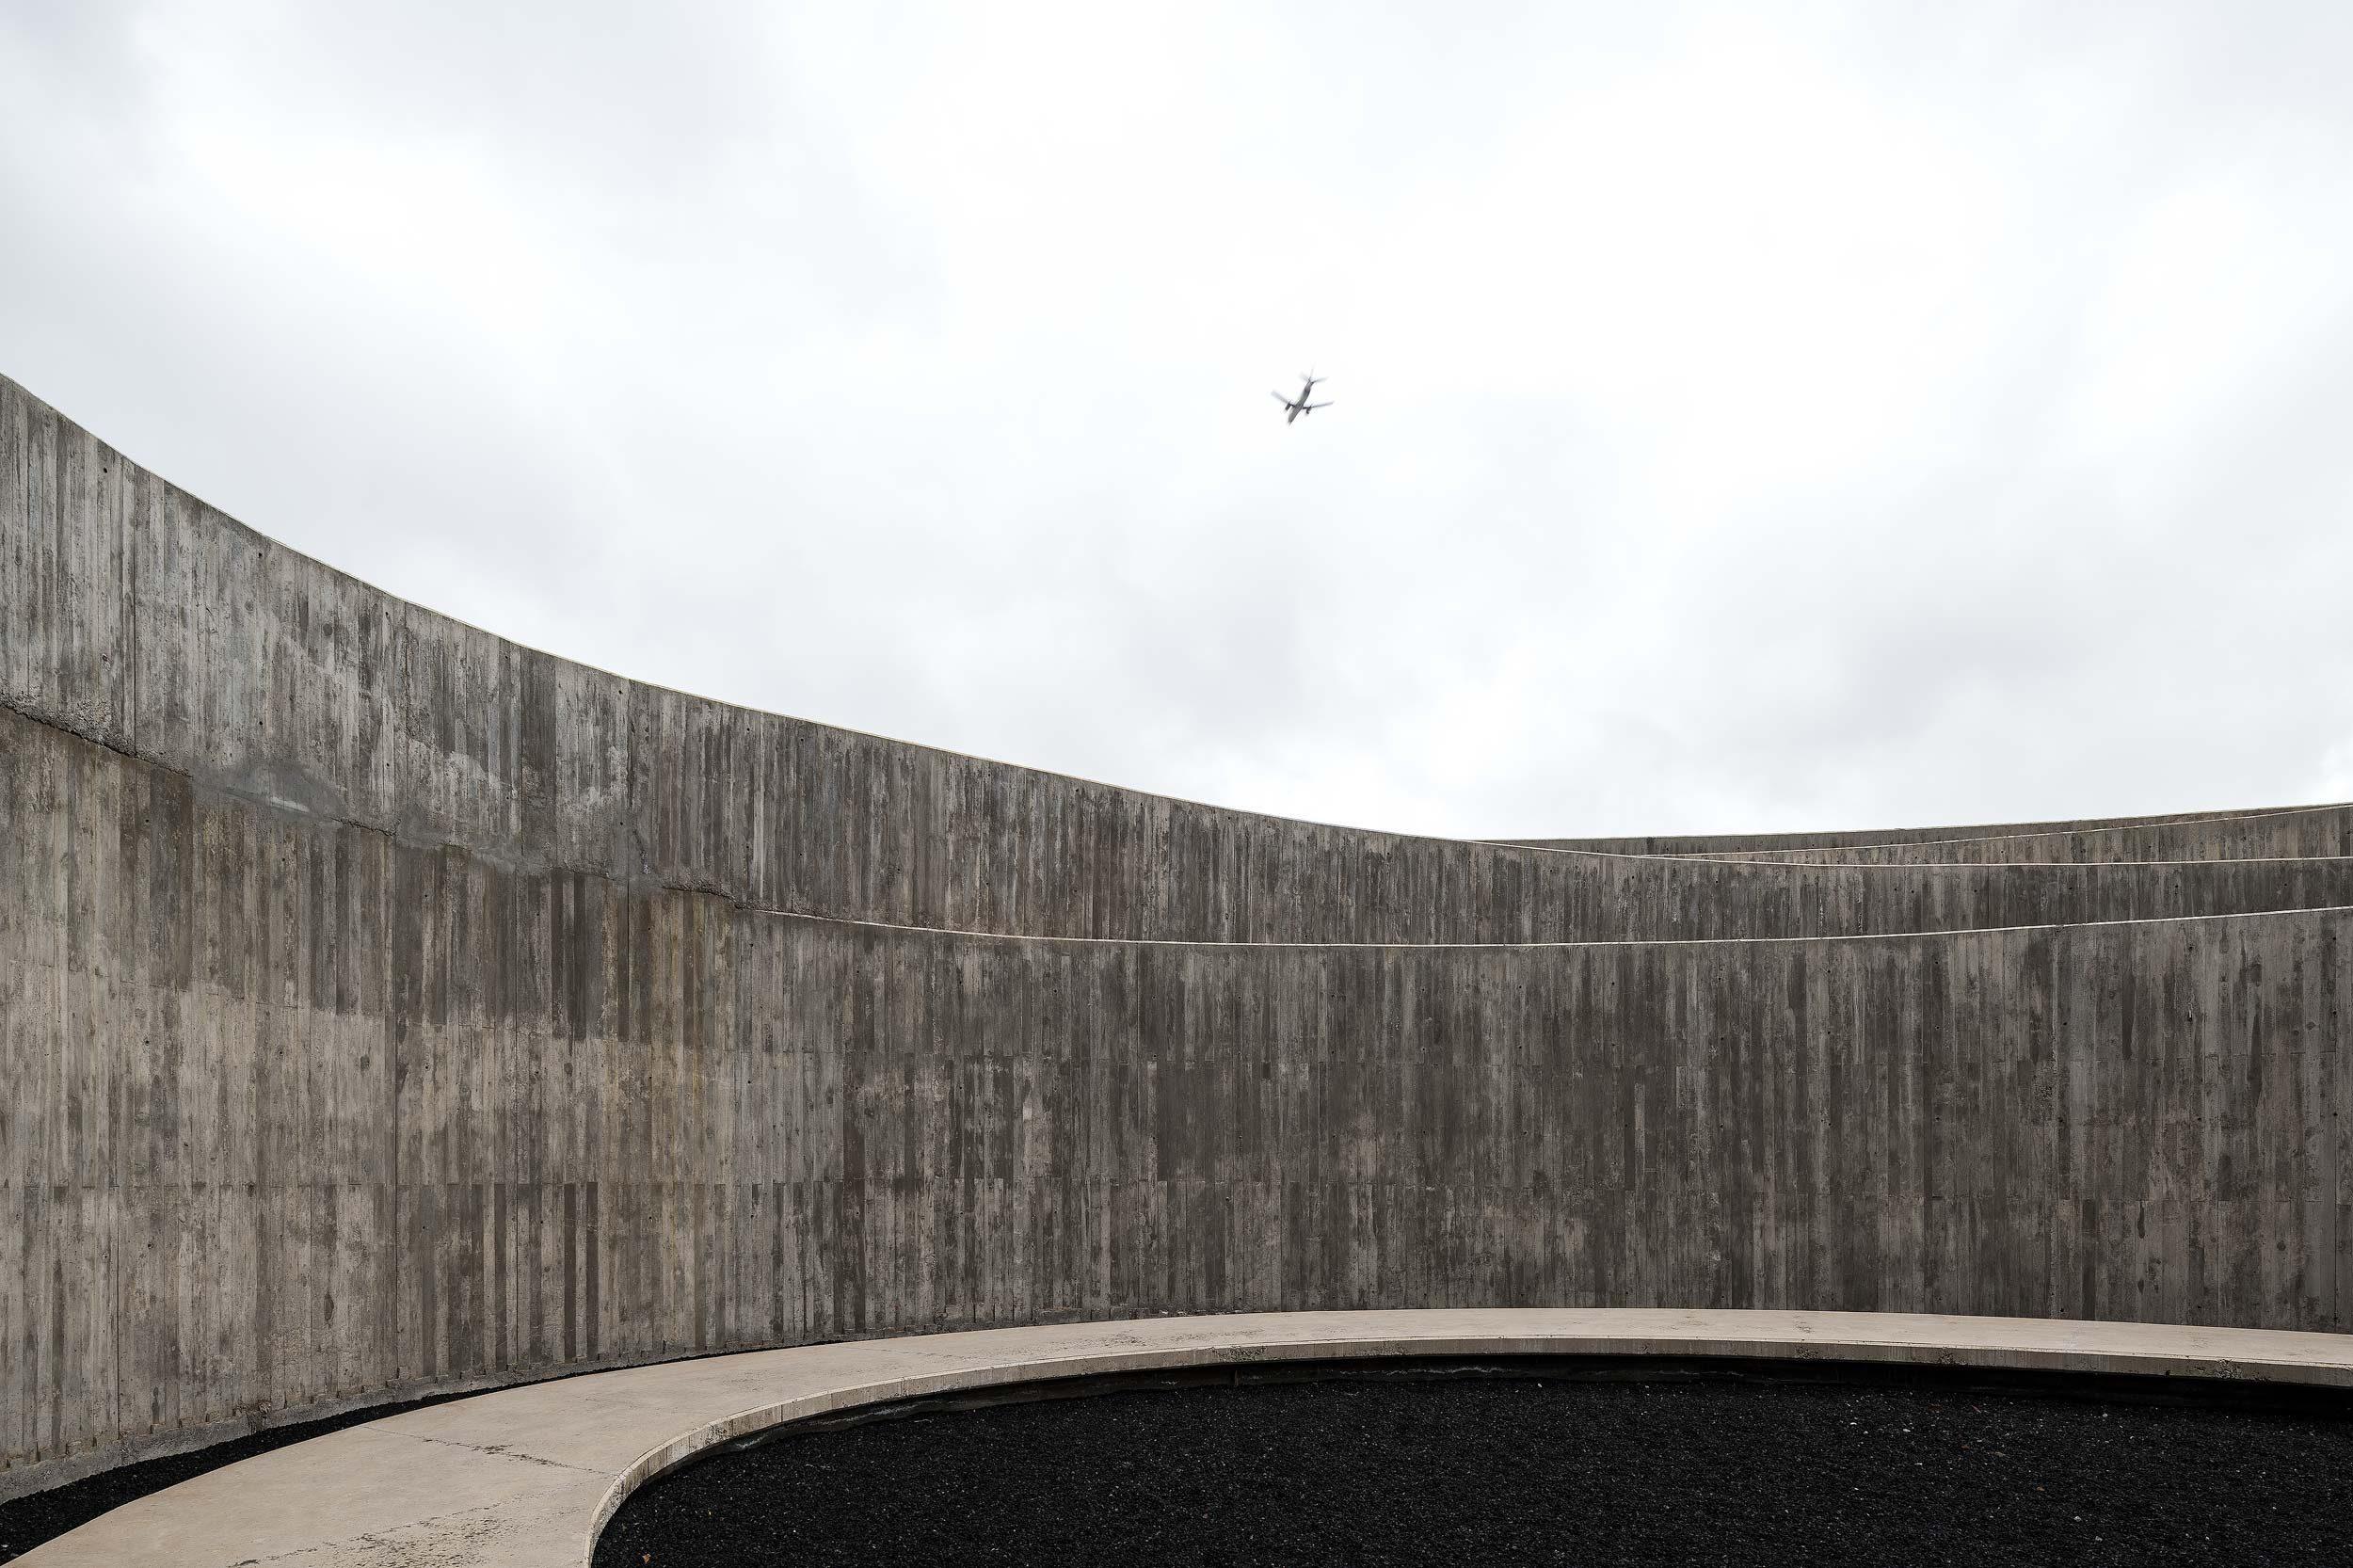 Architectuurfotograaf voor project op Tenerife, Spanje